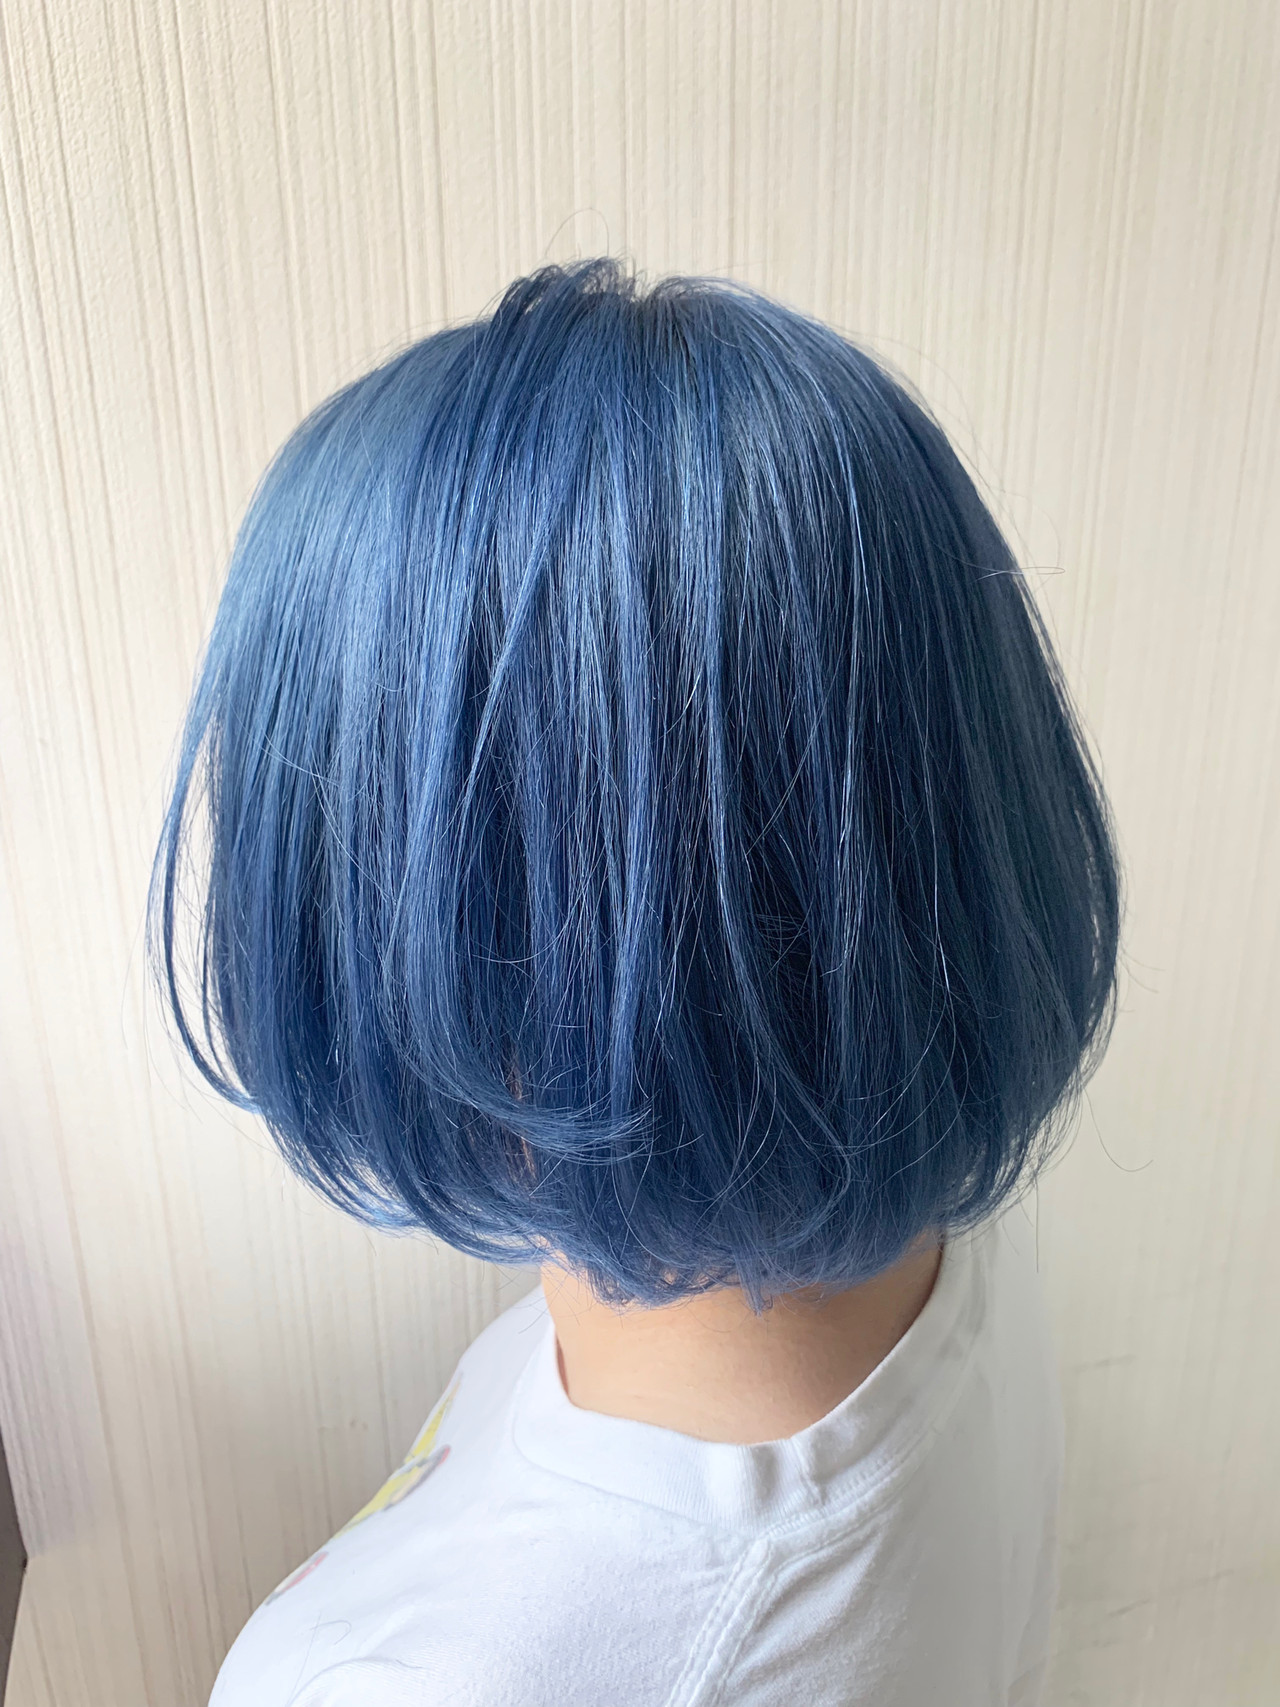 外国人風 ネイビーブルー 簡単ヘアアレンジ ナチュラル ヘアスタイルや髪型の写真・画像